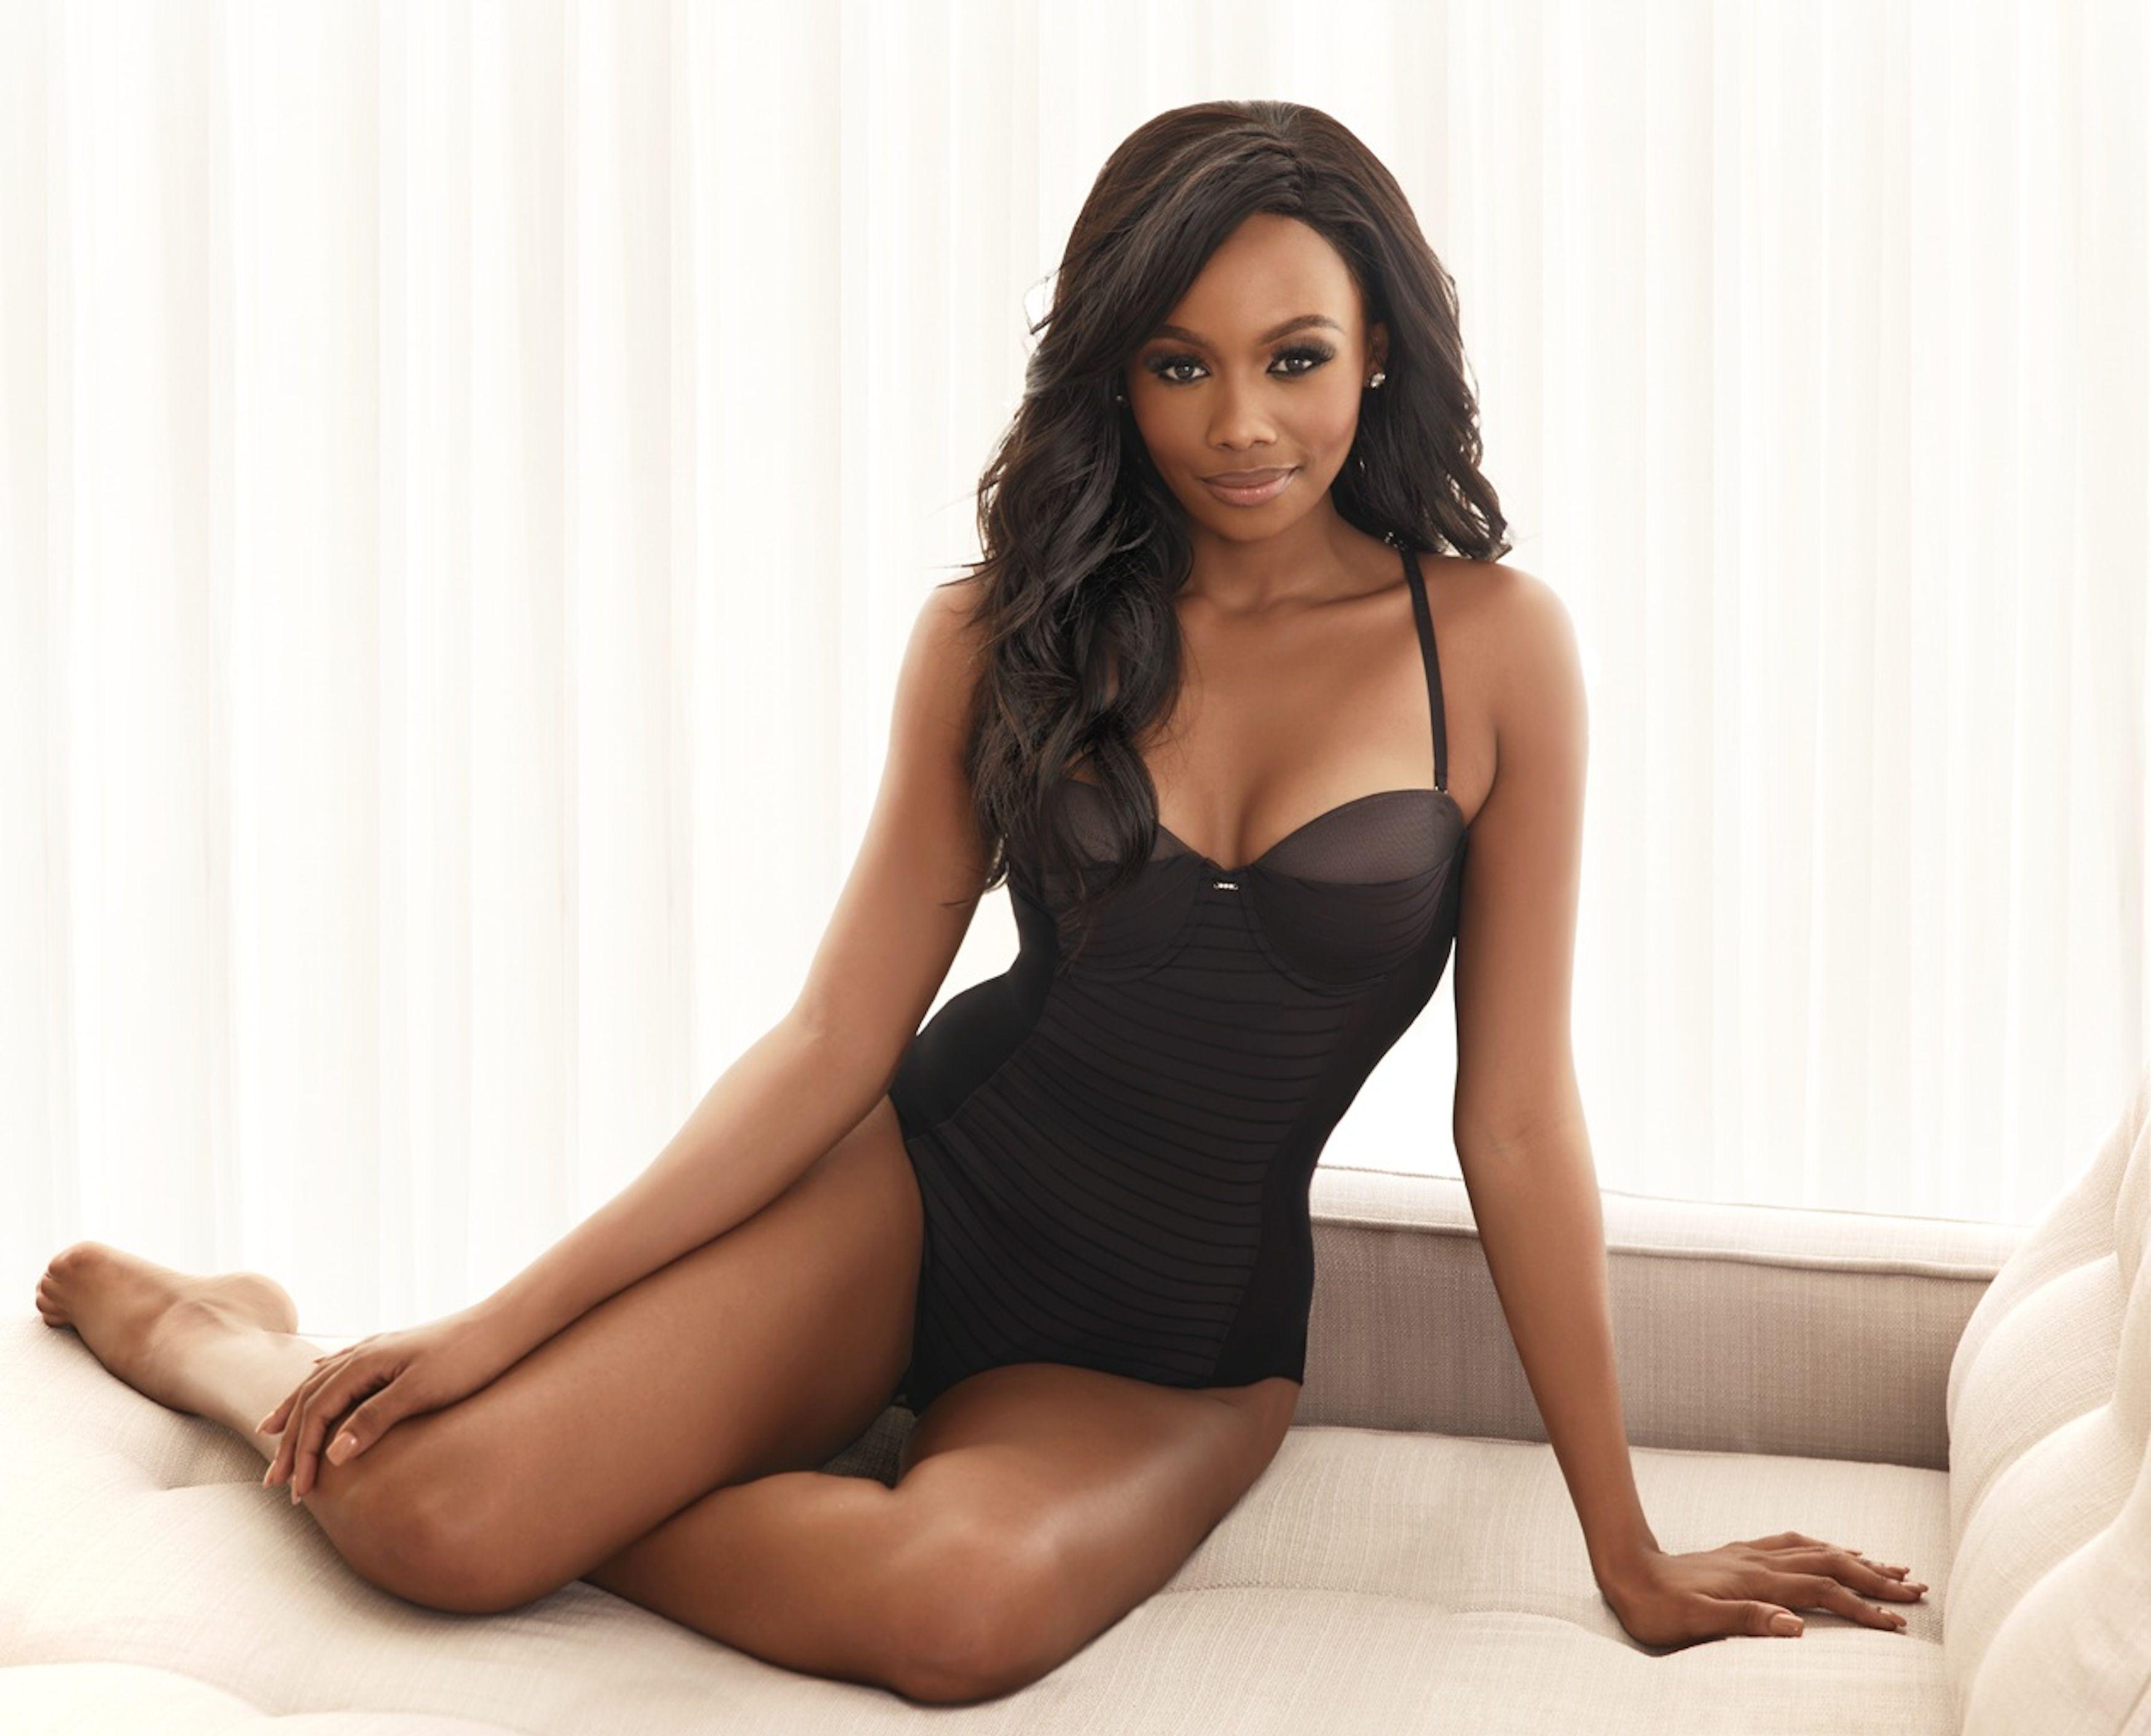 Ebony girl in lingerie nadette stanis